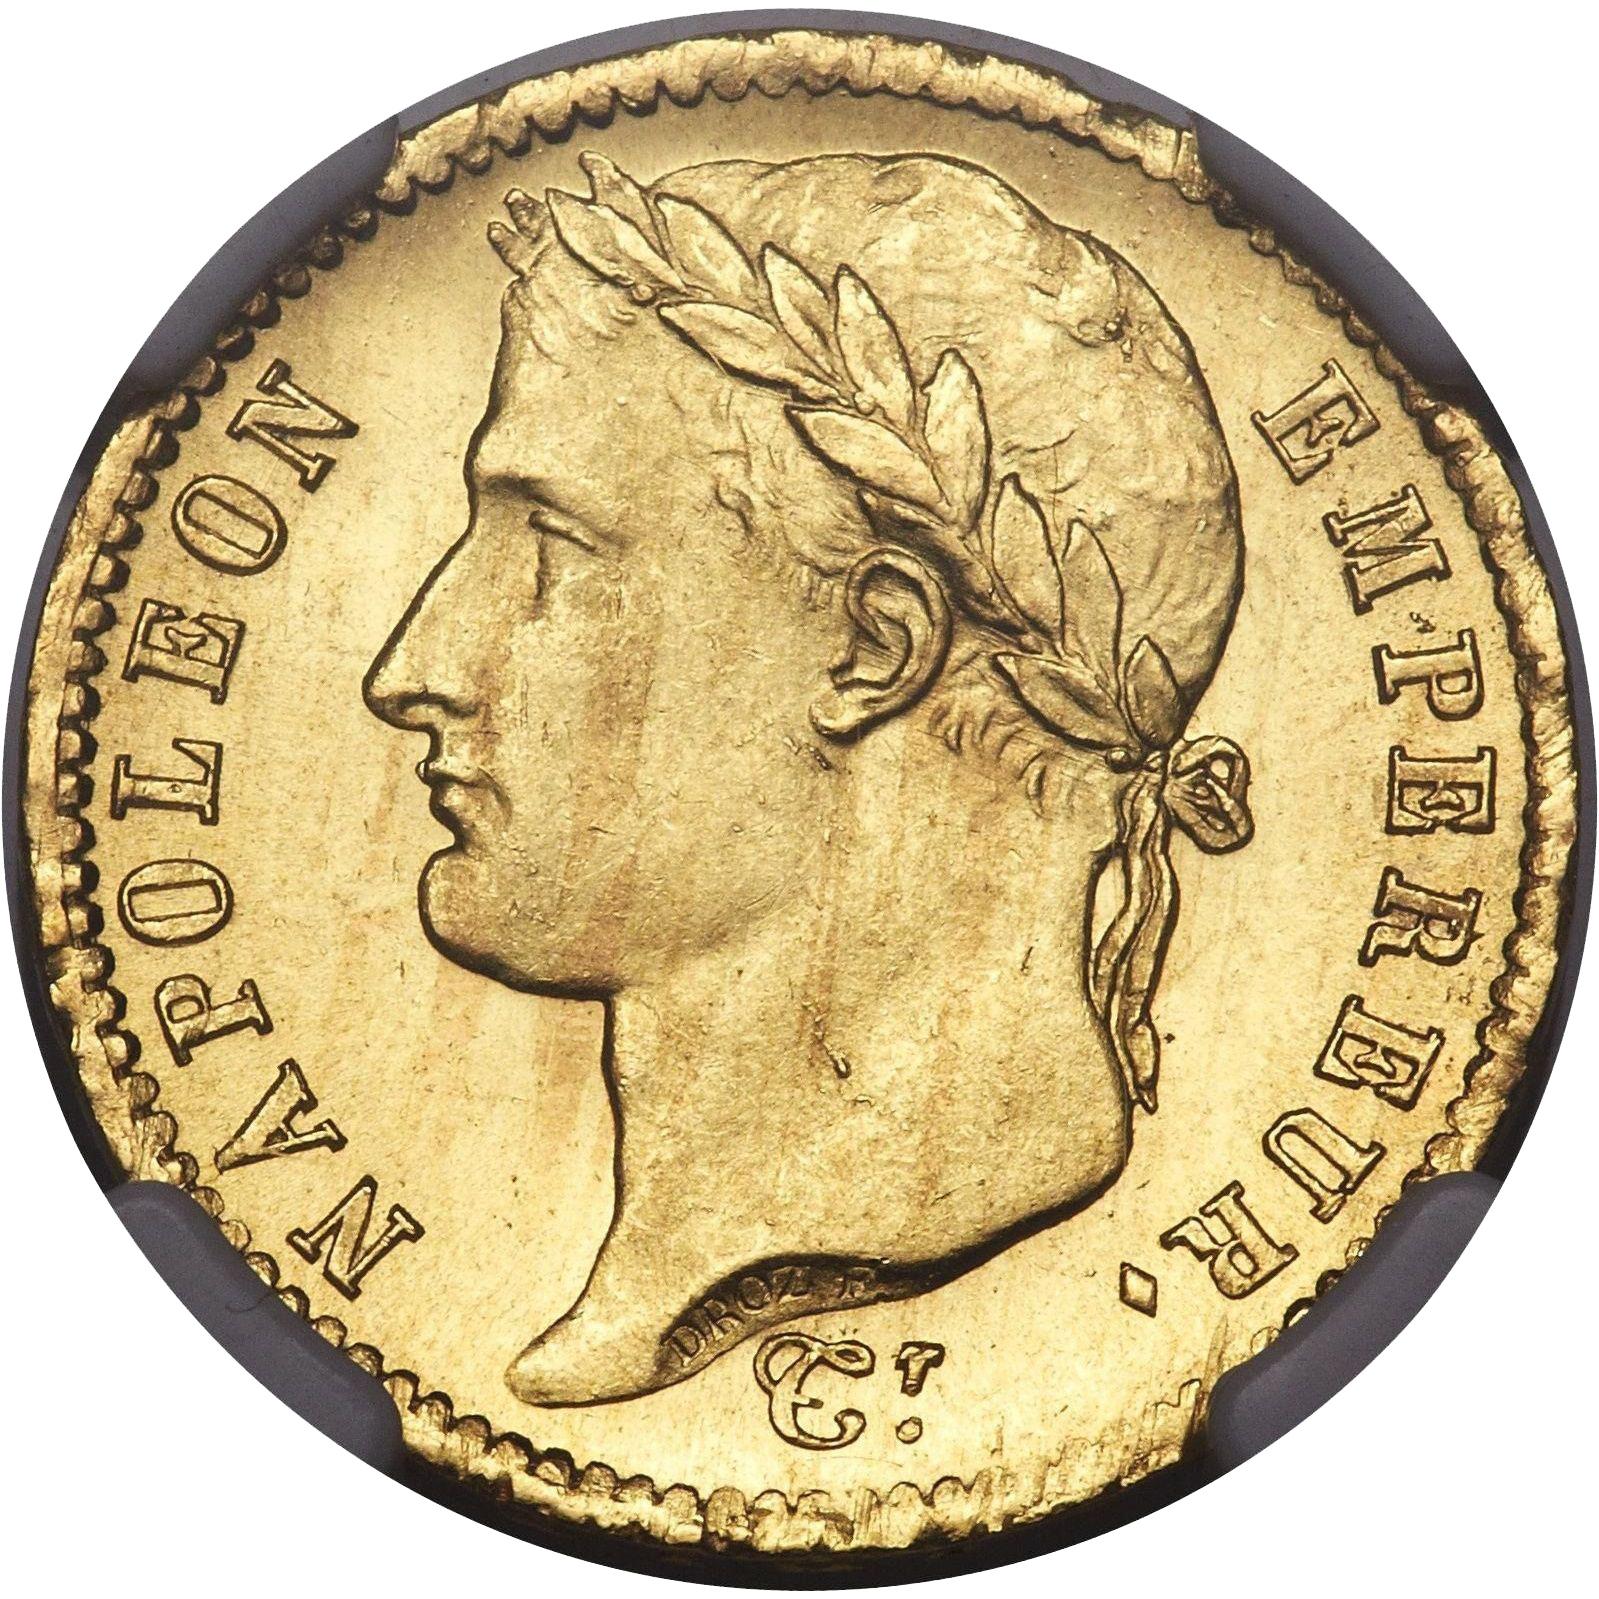 Монета Франции - 20 франков 1812г - Наполеон I